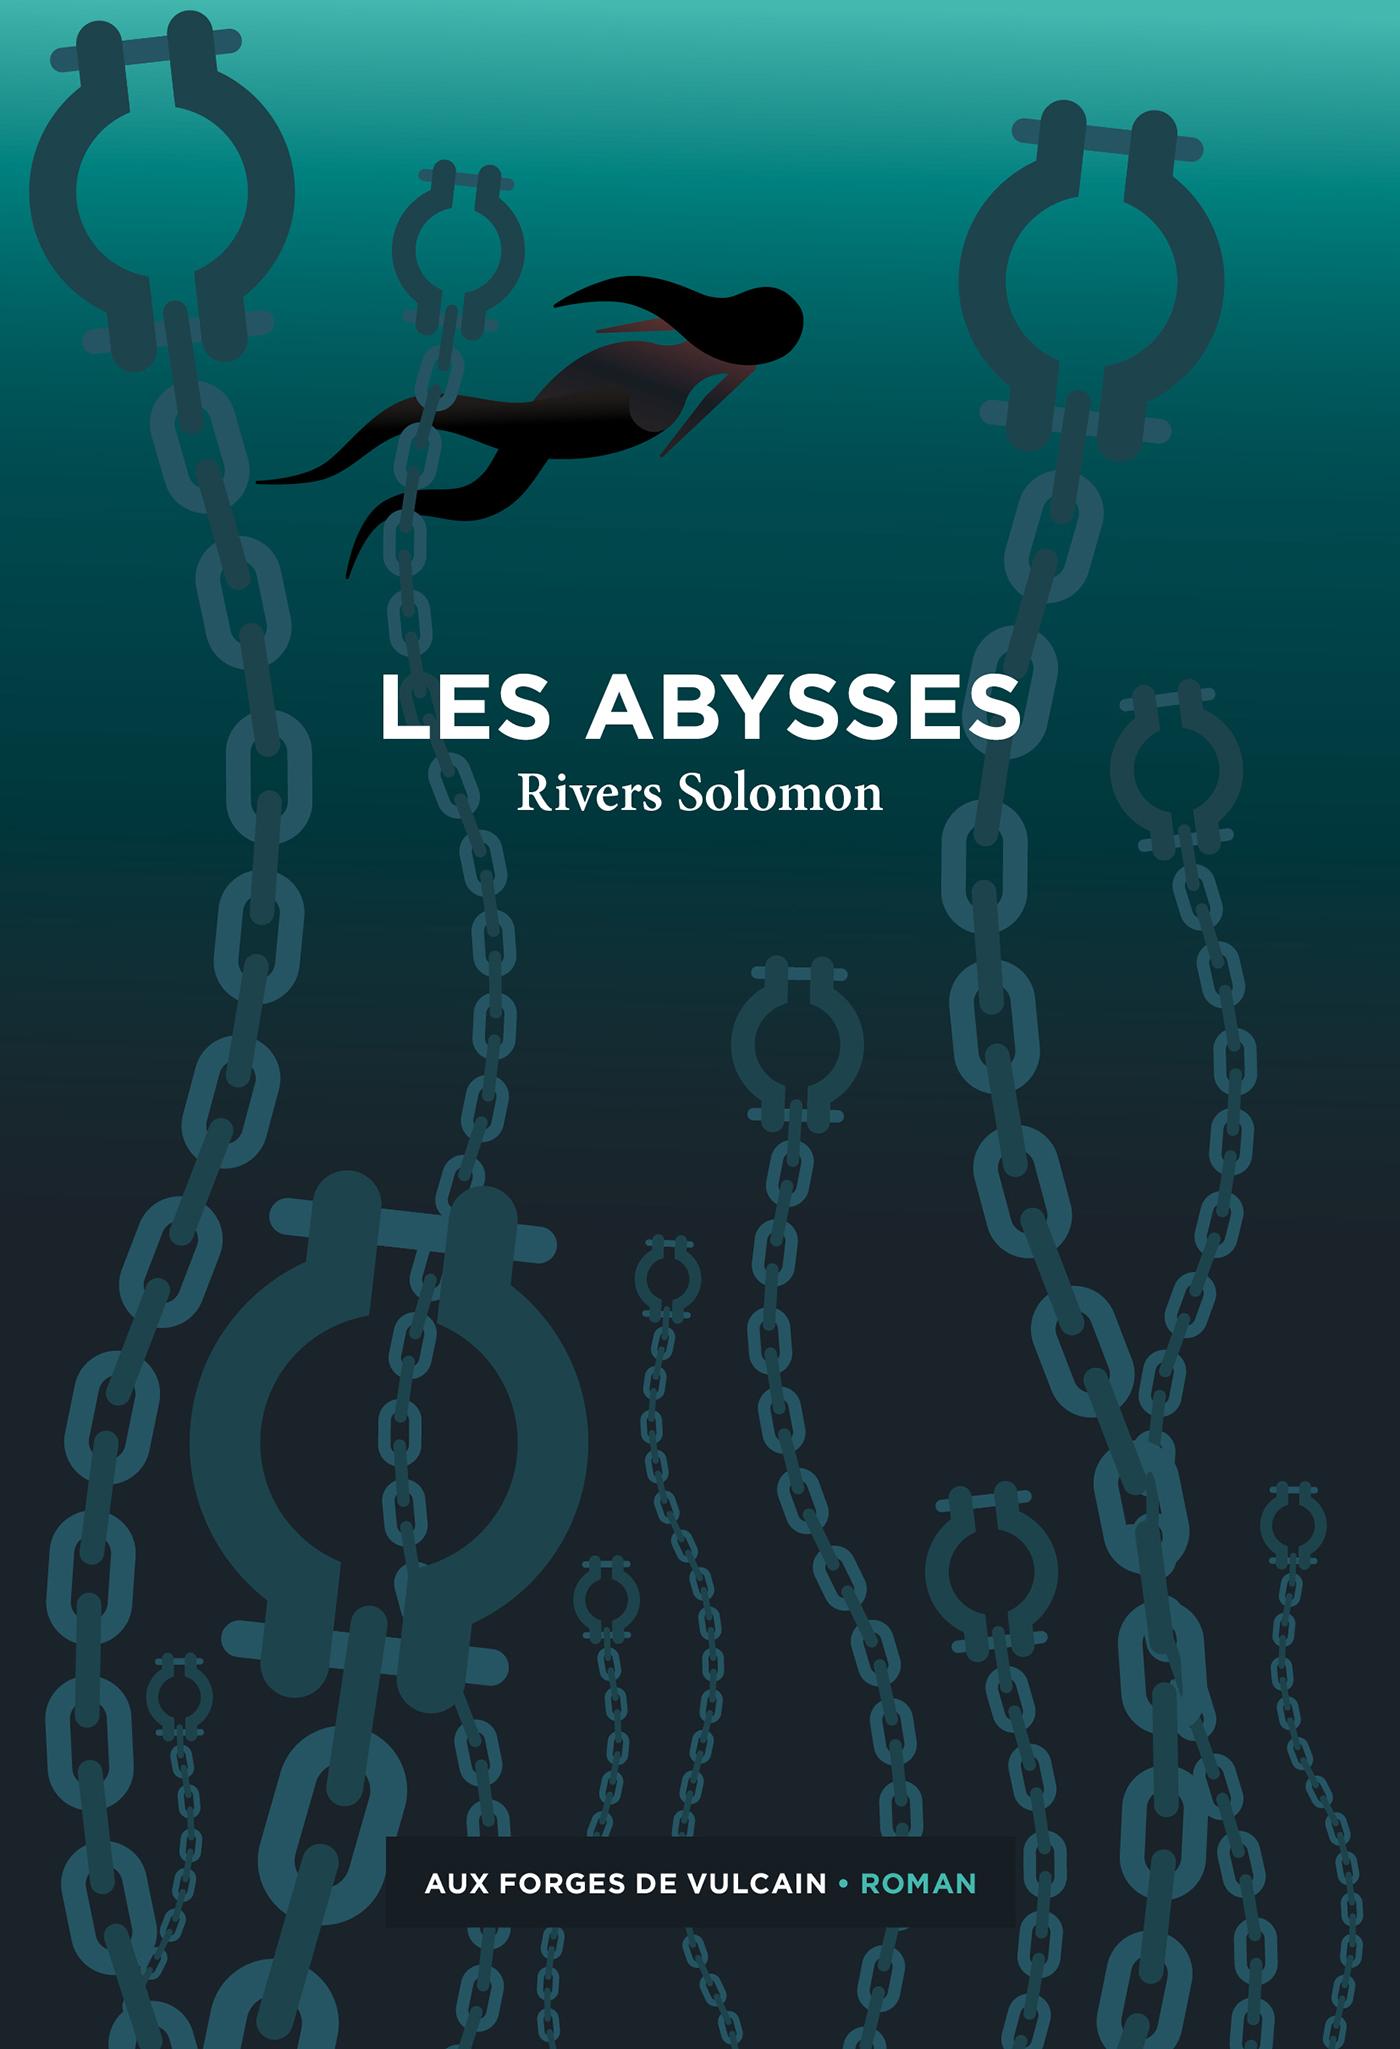 Les abysses - Rivers Solomon